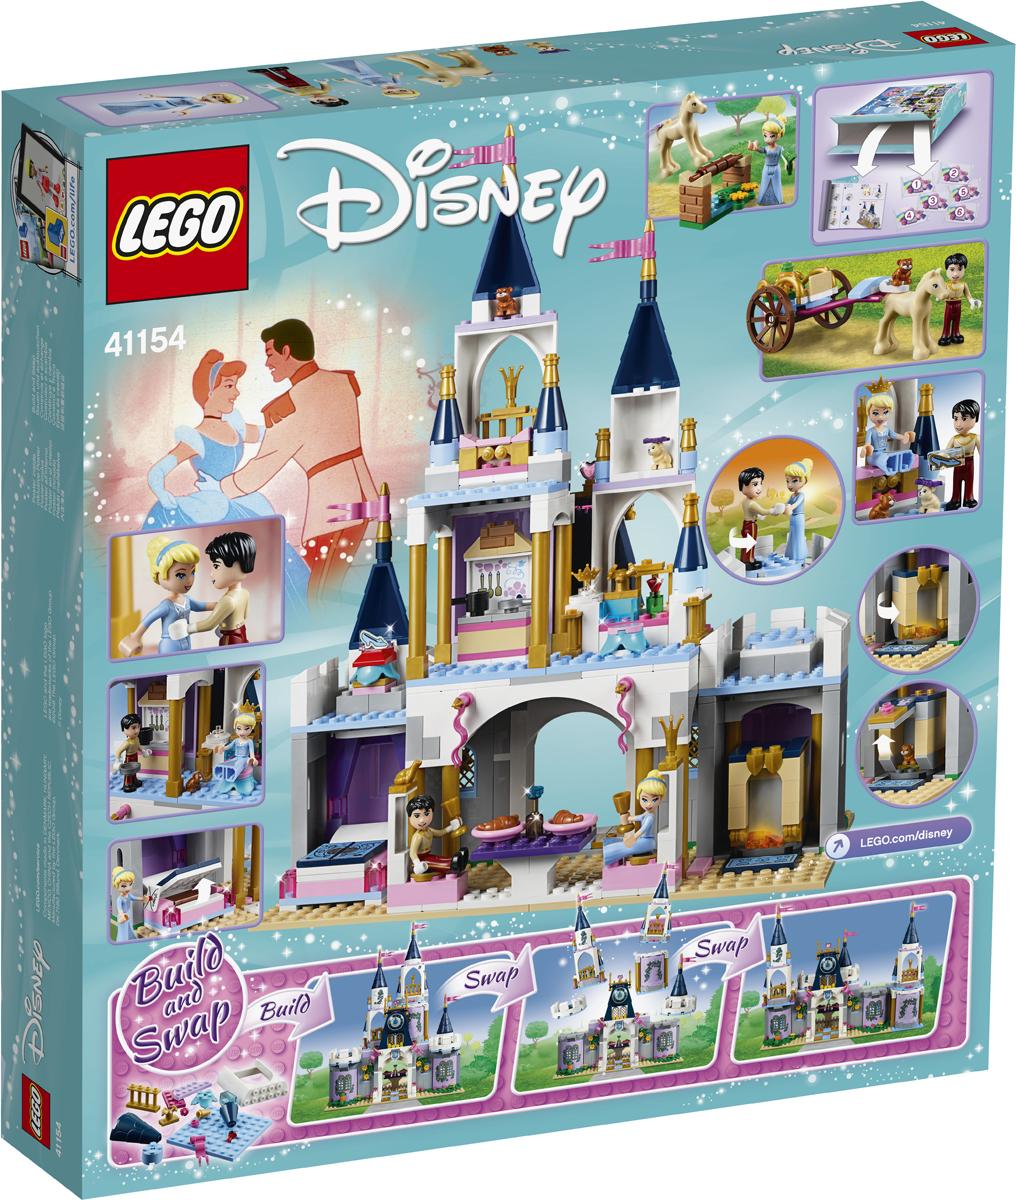 LEGO Disney Princess 41154 Волшебный замок Золушки Конструктор конструктор lego disney princess волшебный замок золушки 41154